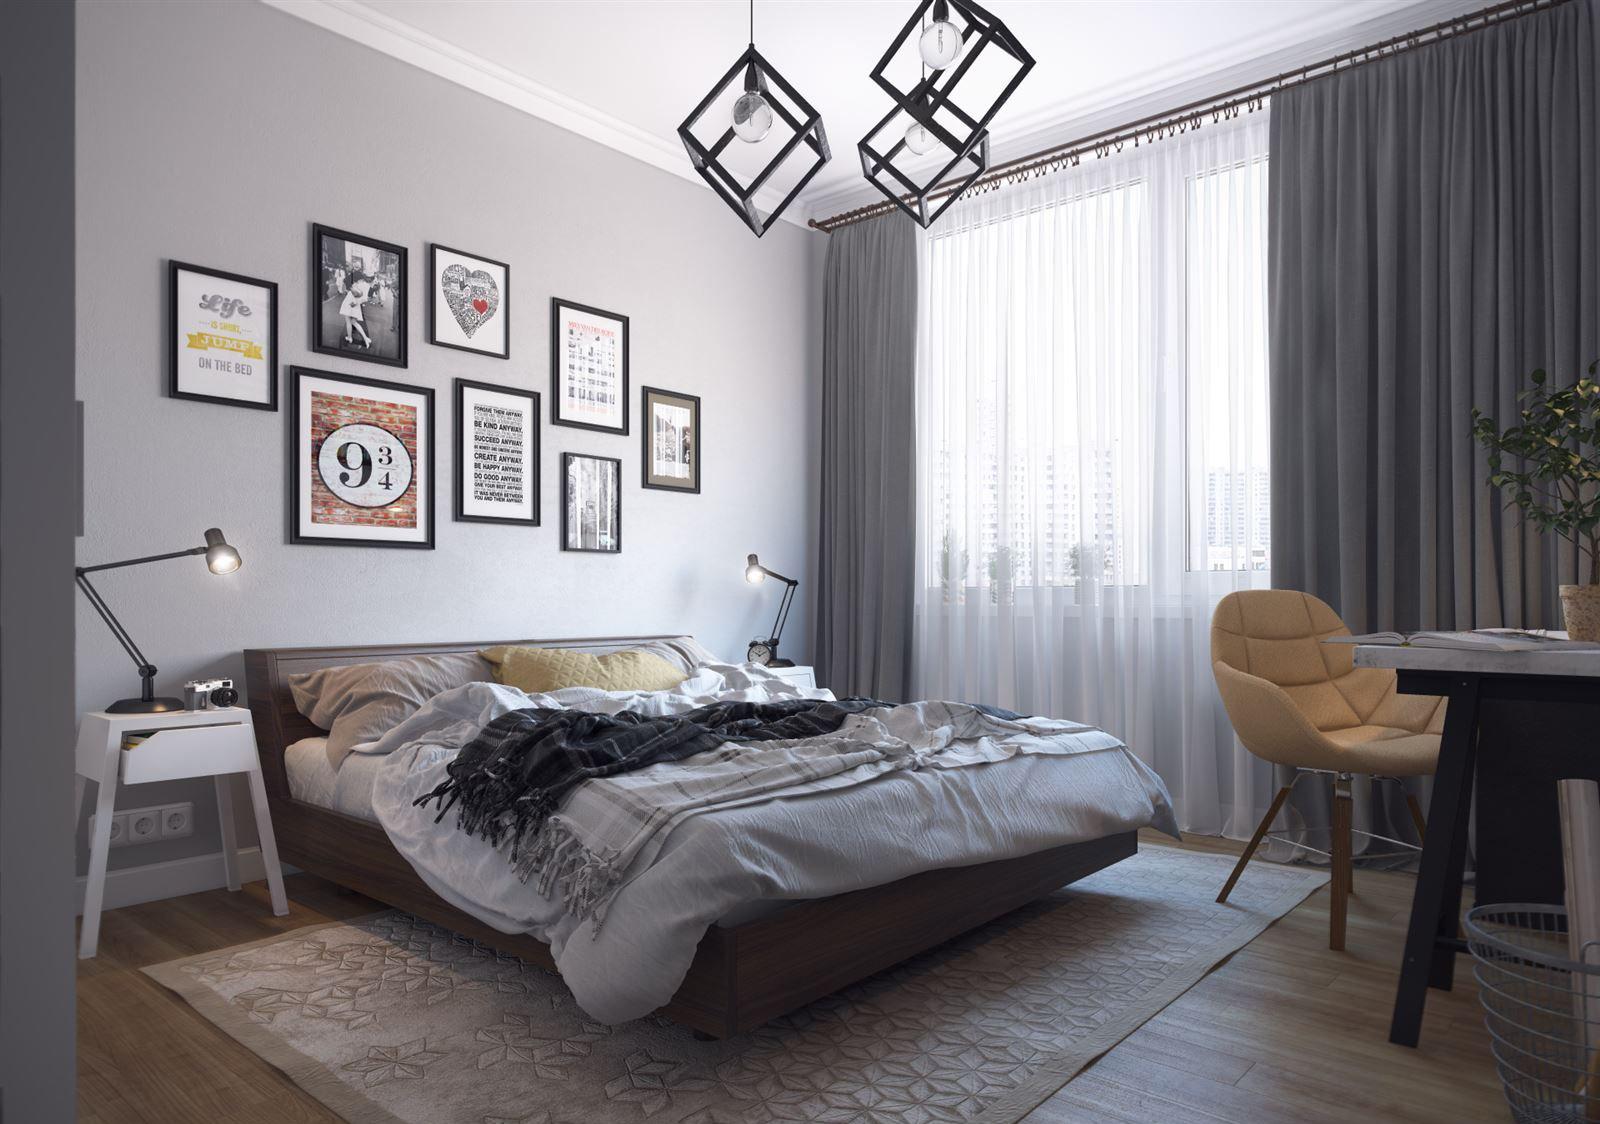 Светильники в стиле лофт в дизайне интерьера (50 фото)